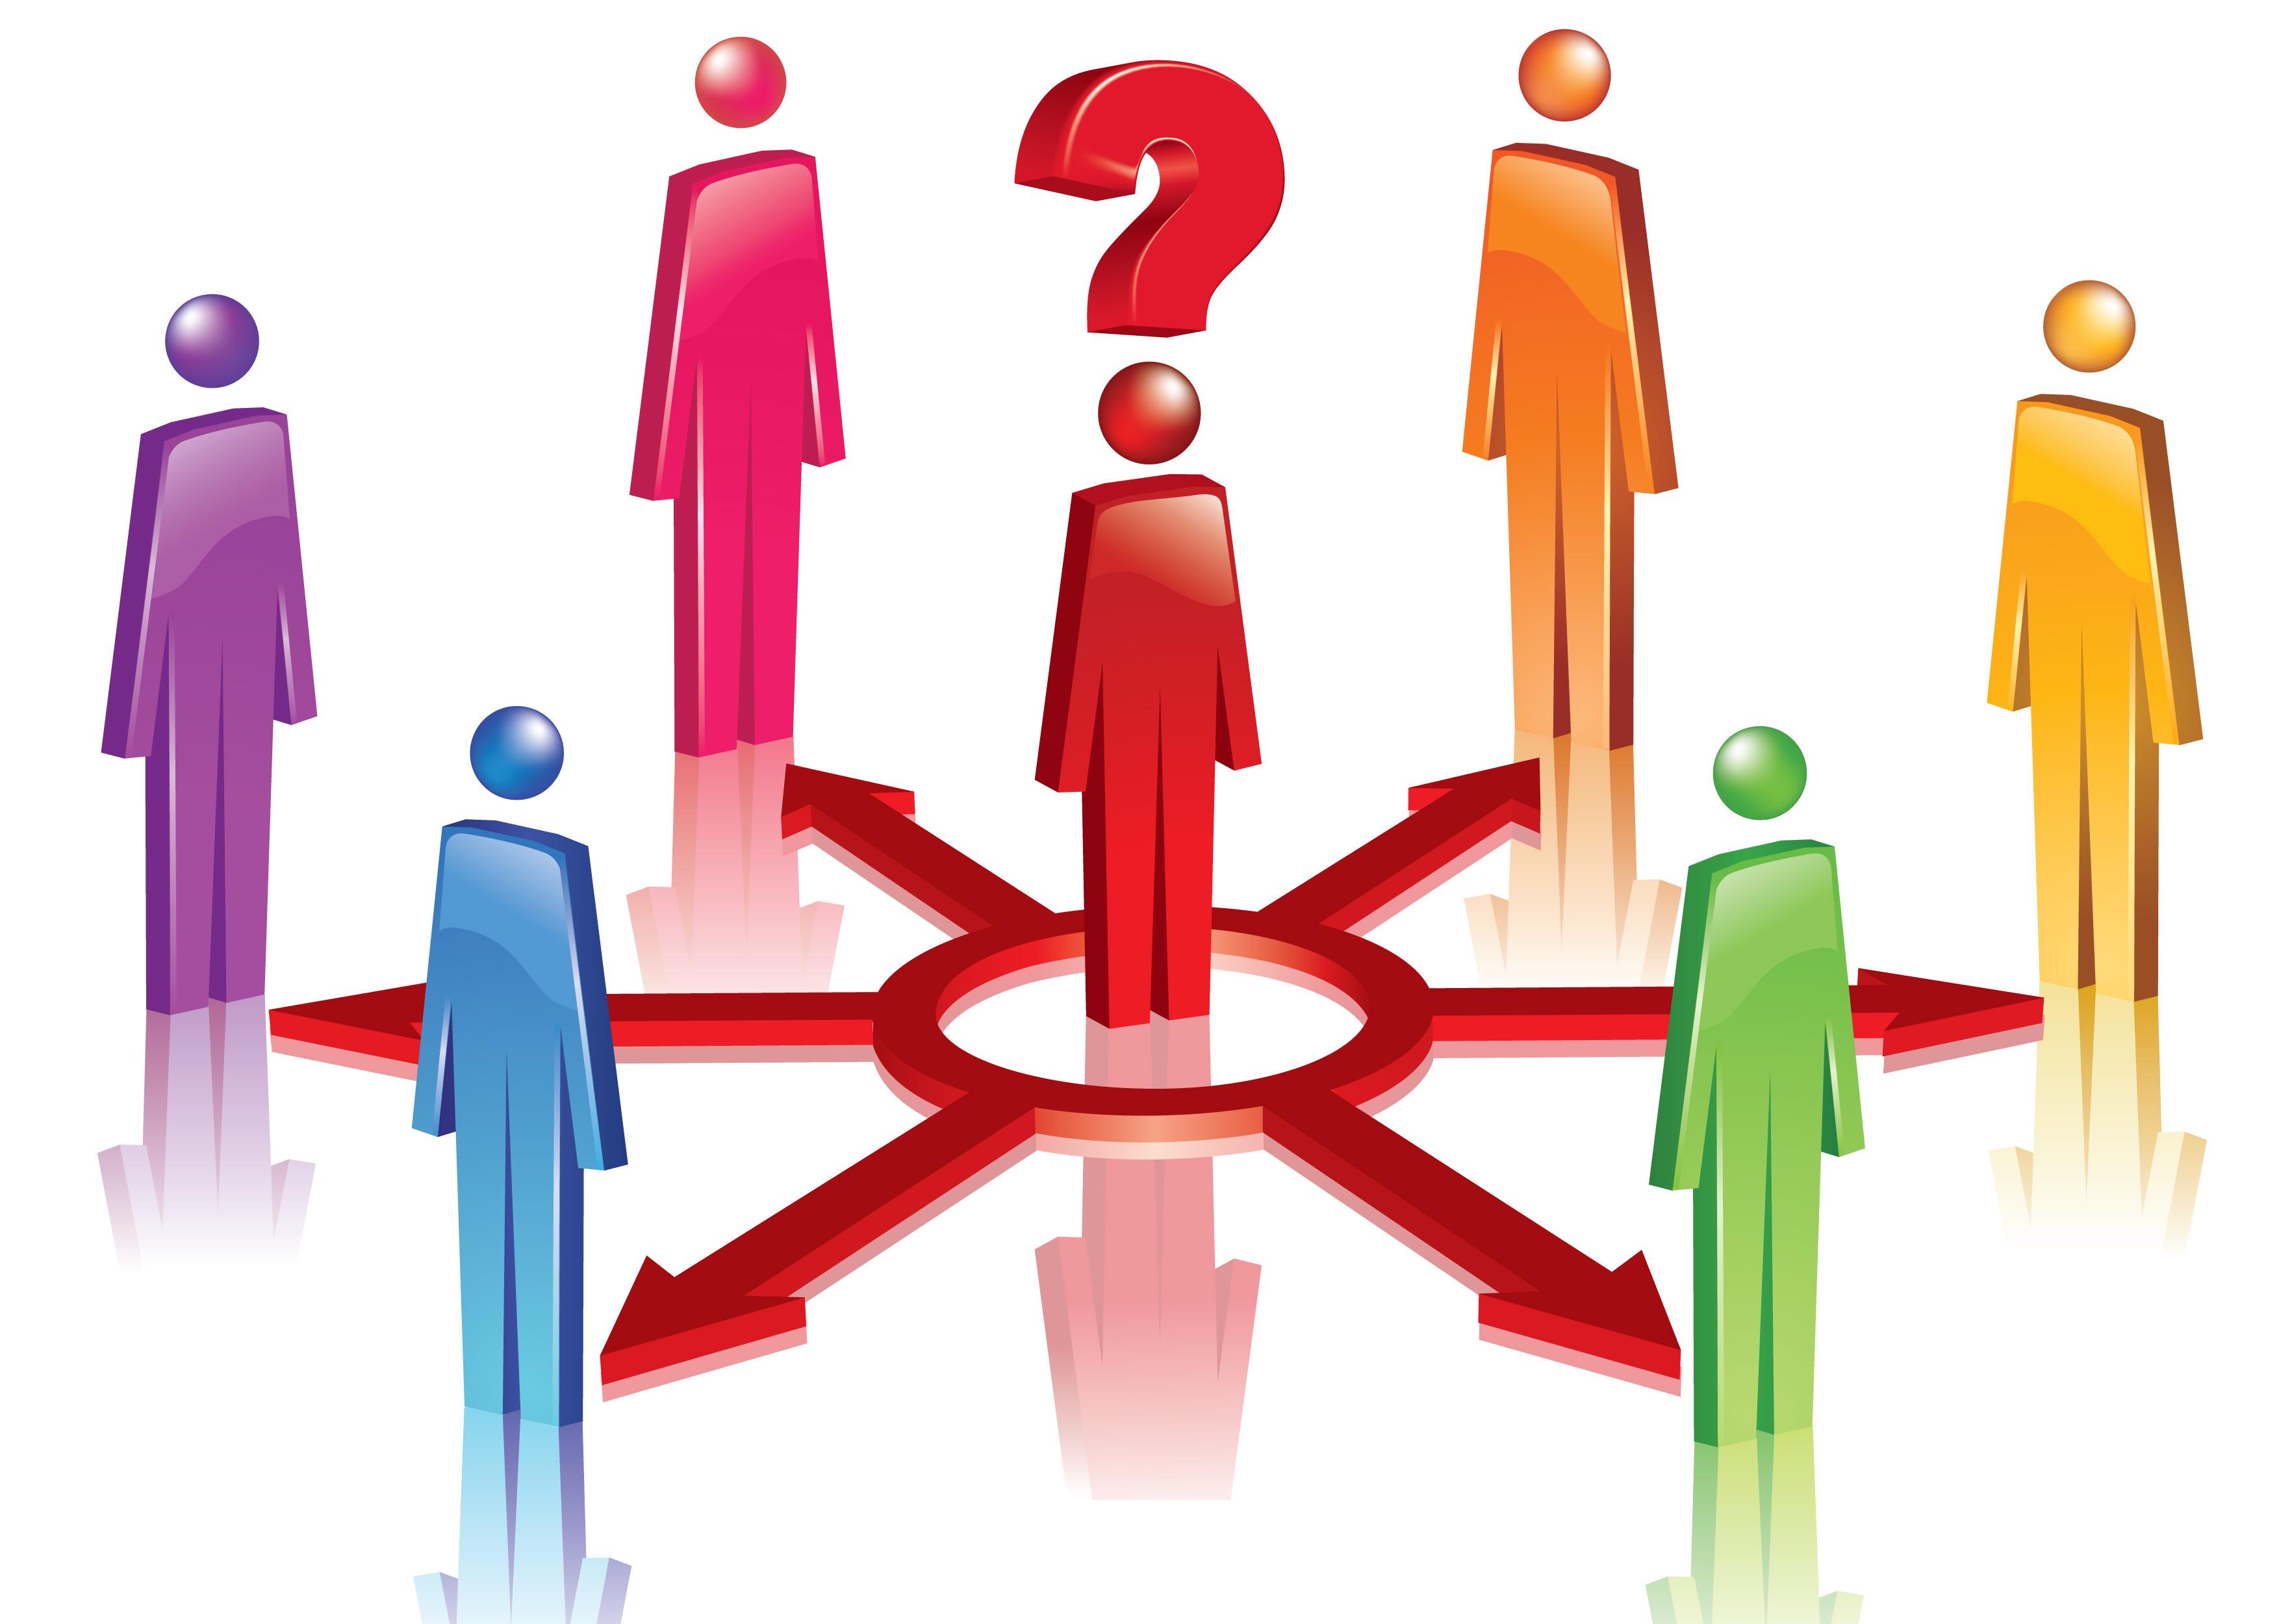 Személyes hatékonyság fejlesztése: Felelősségi körök, fókuszterületek